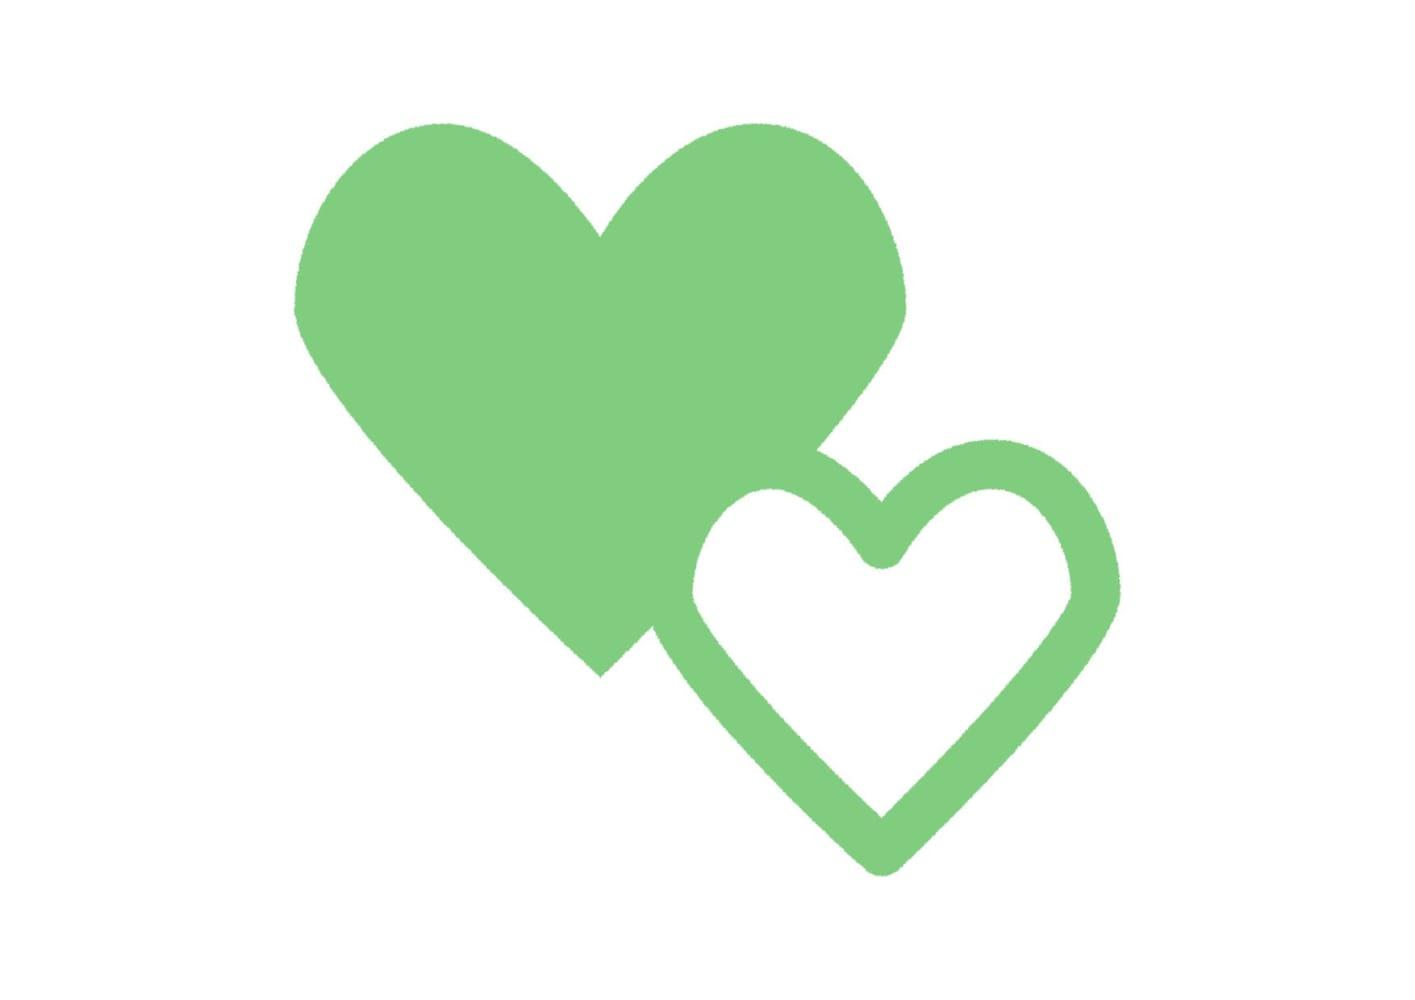 ハートマーク 緑色 イラスト 無料